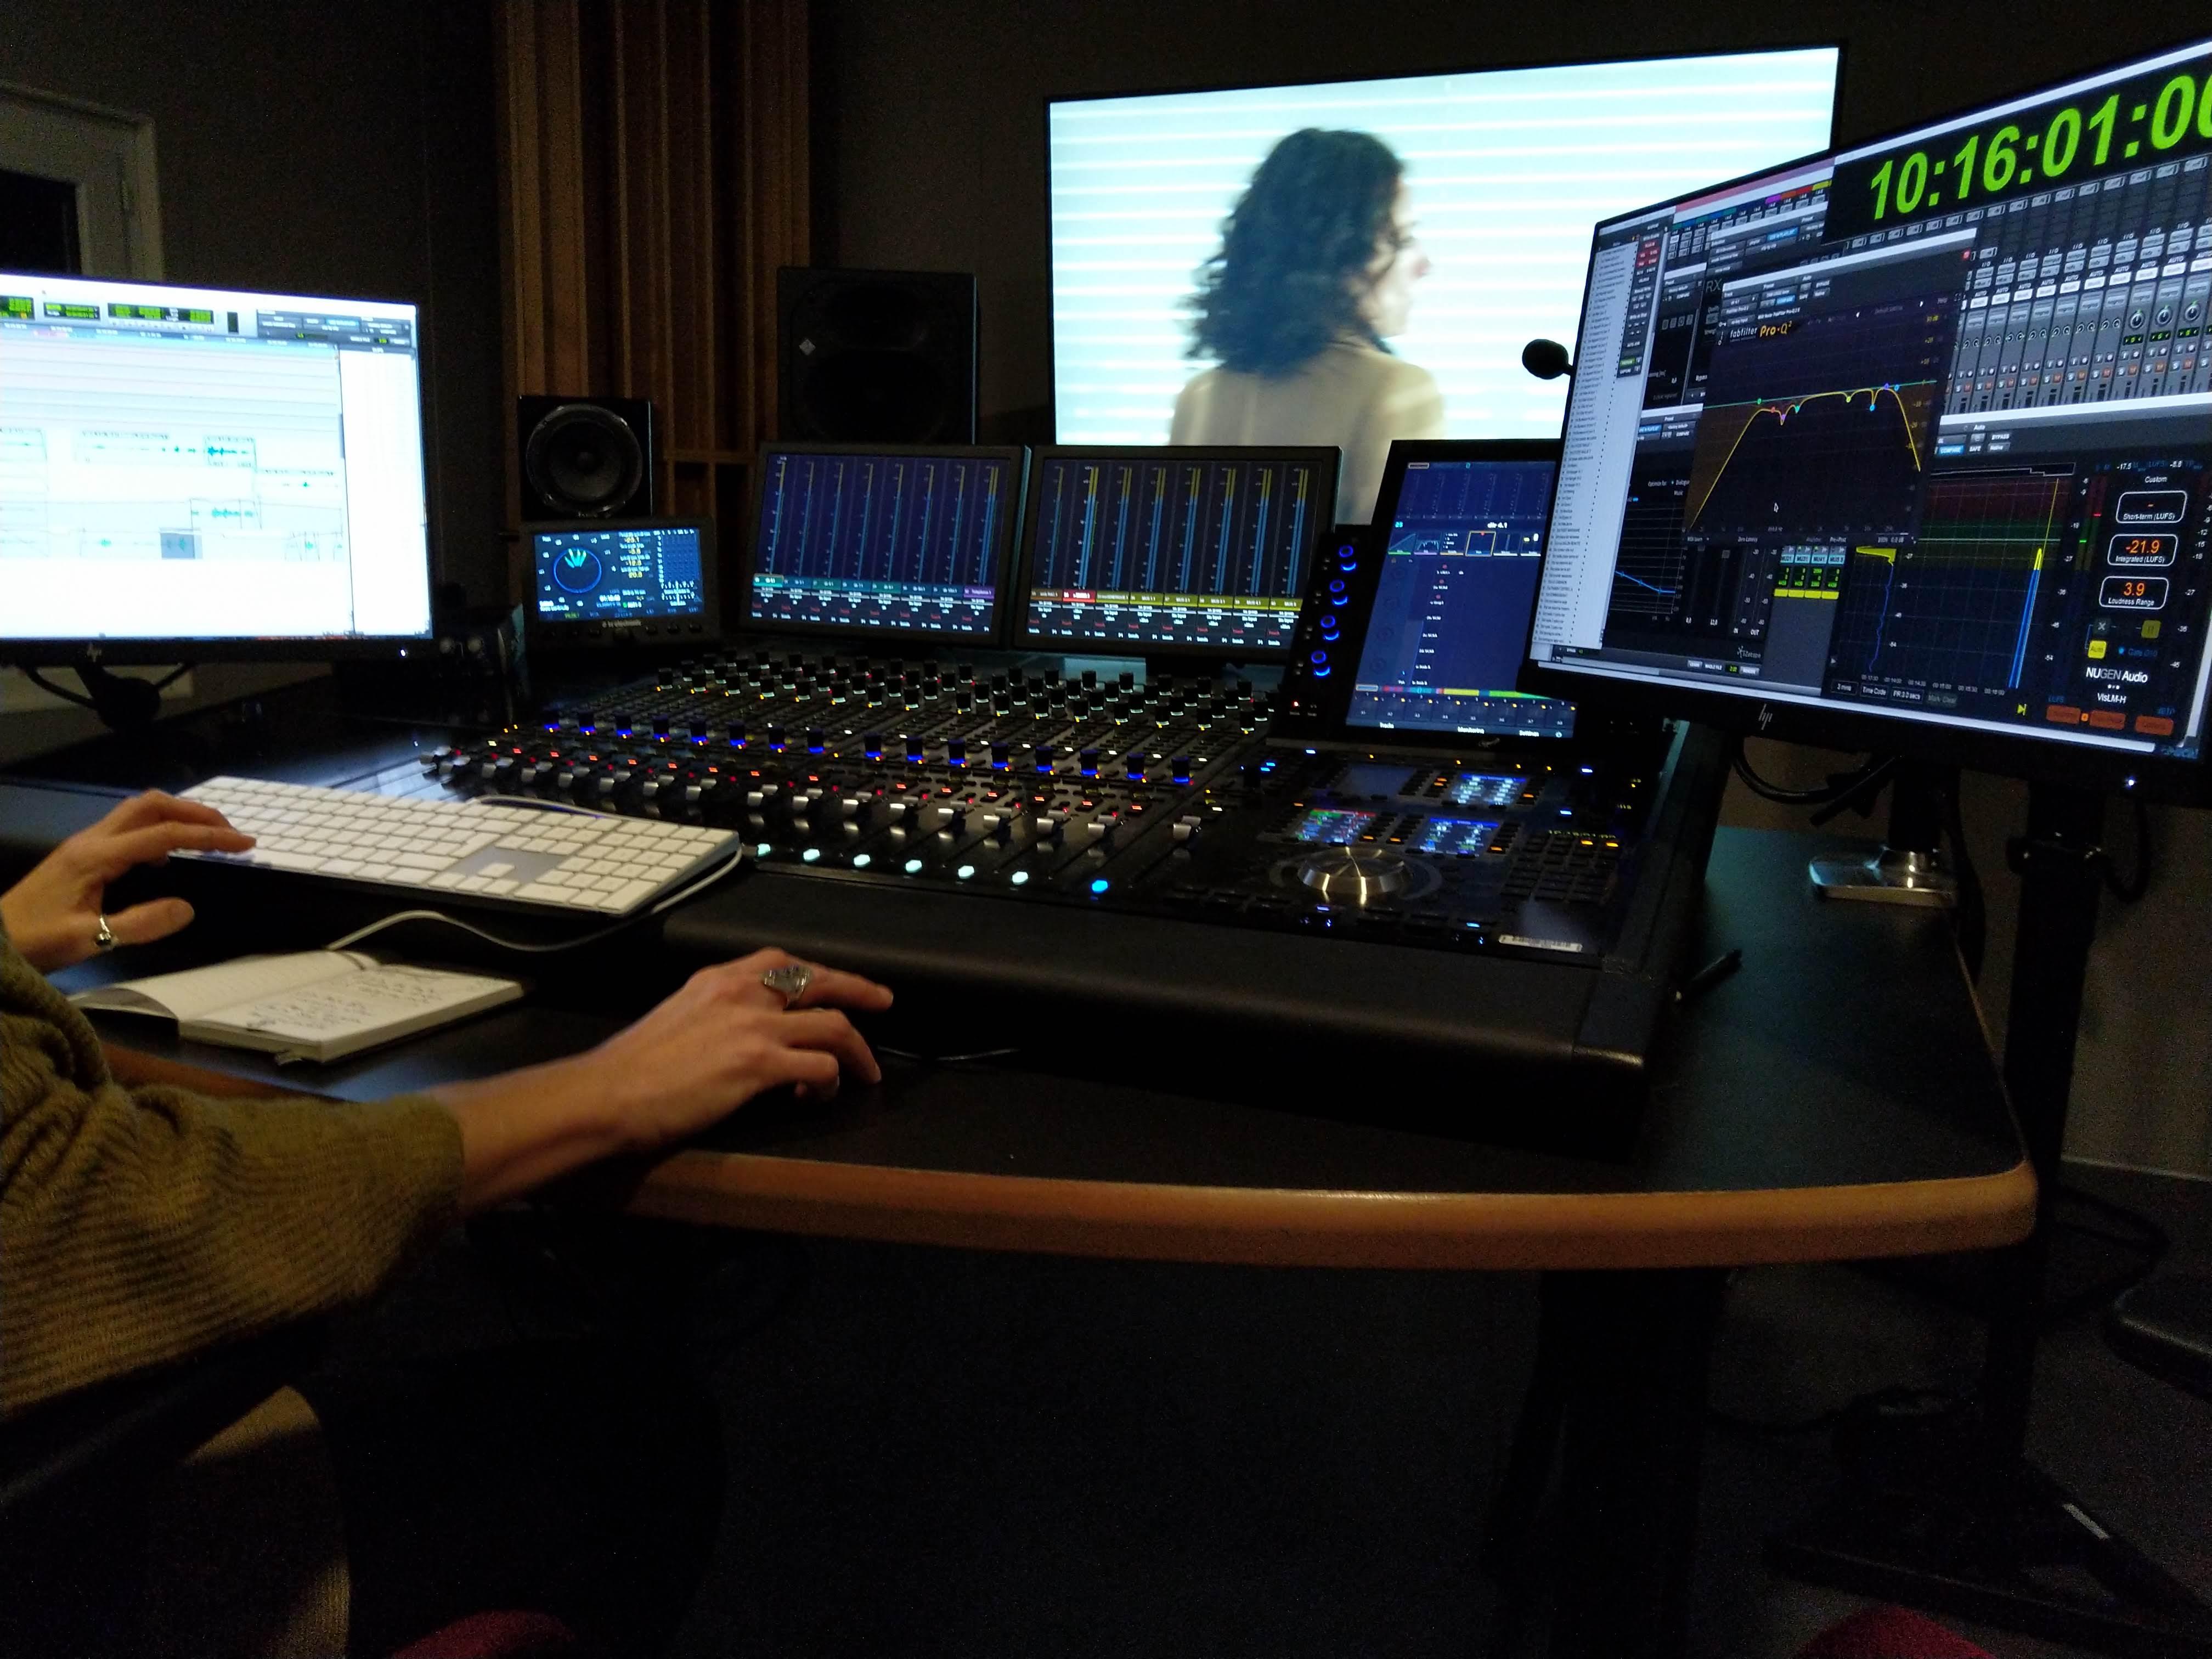 stations de montage son et mix sous Protools et surface de contrôle S6